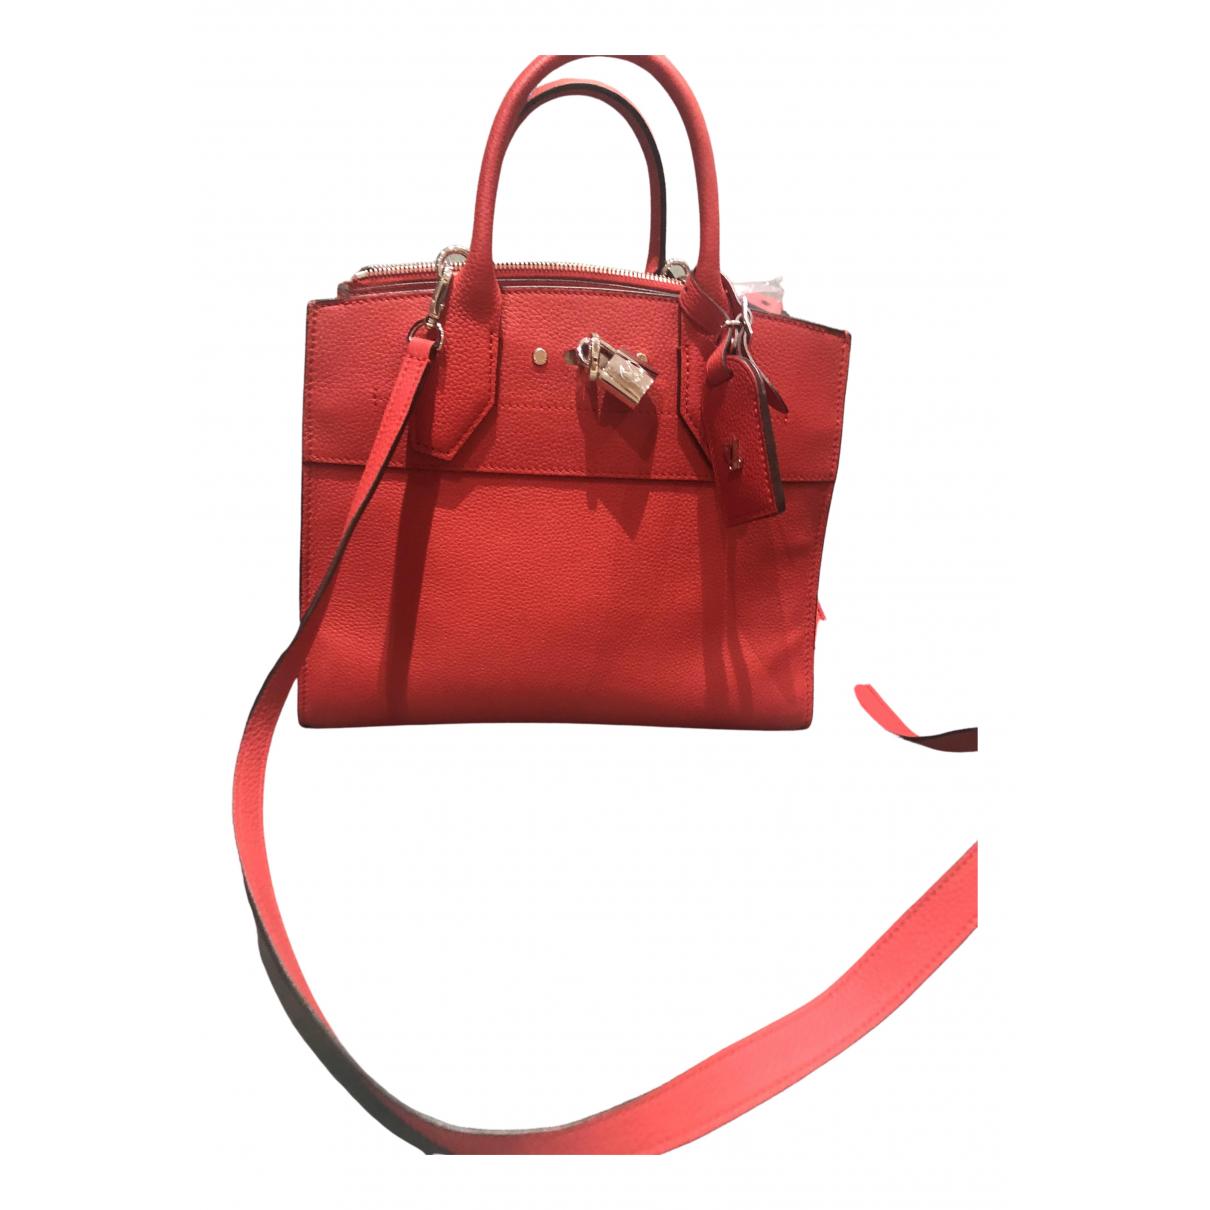 Louis Vuitton - Sac a main City Steamer pour femme en cuir - rouge